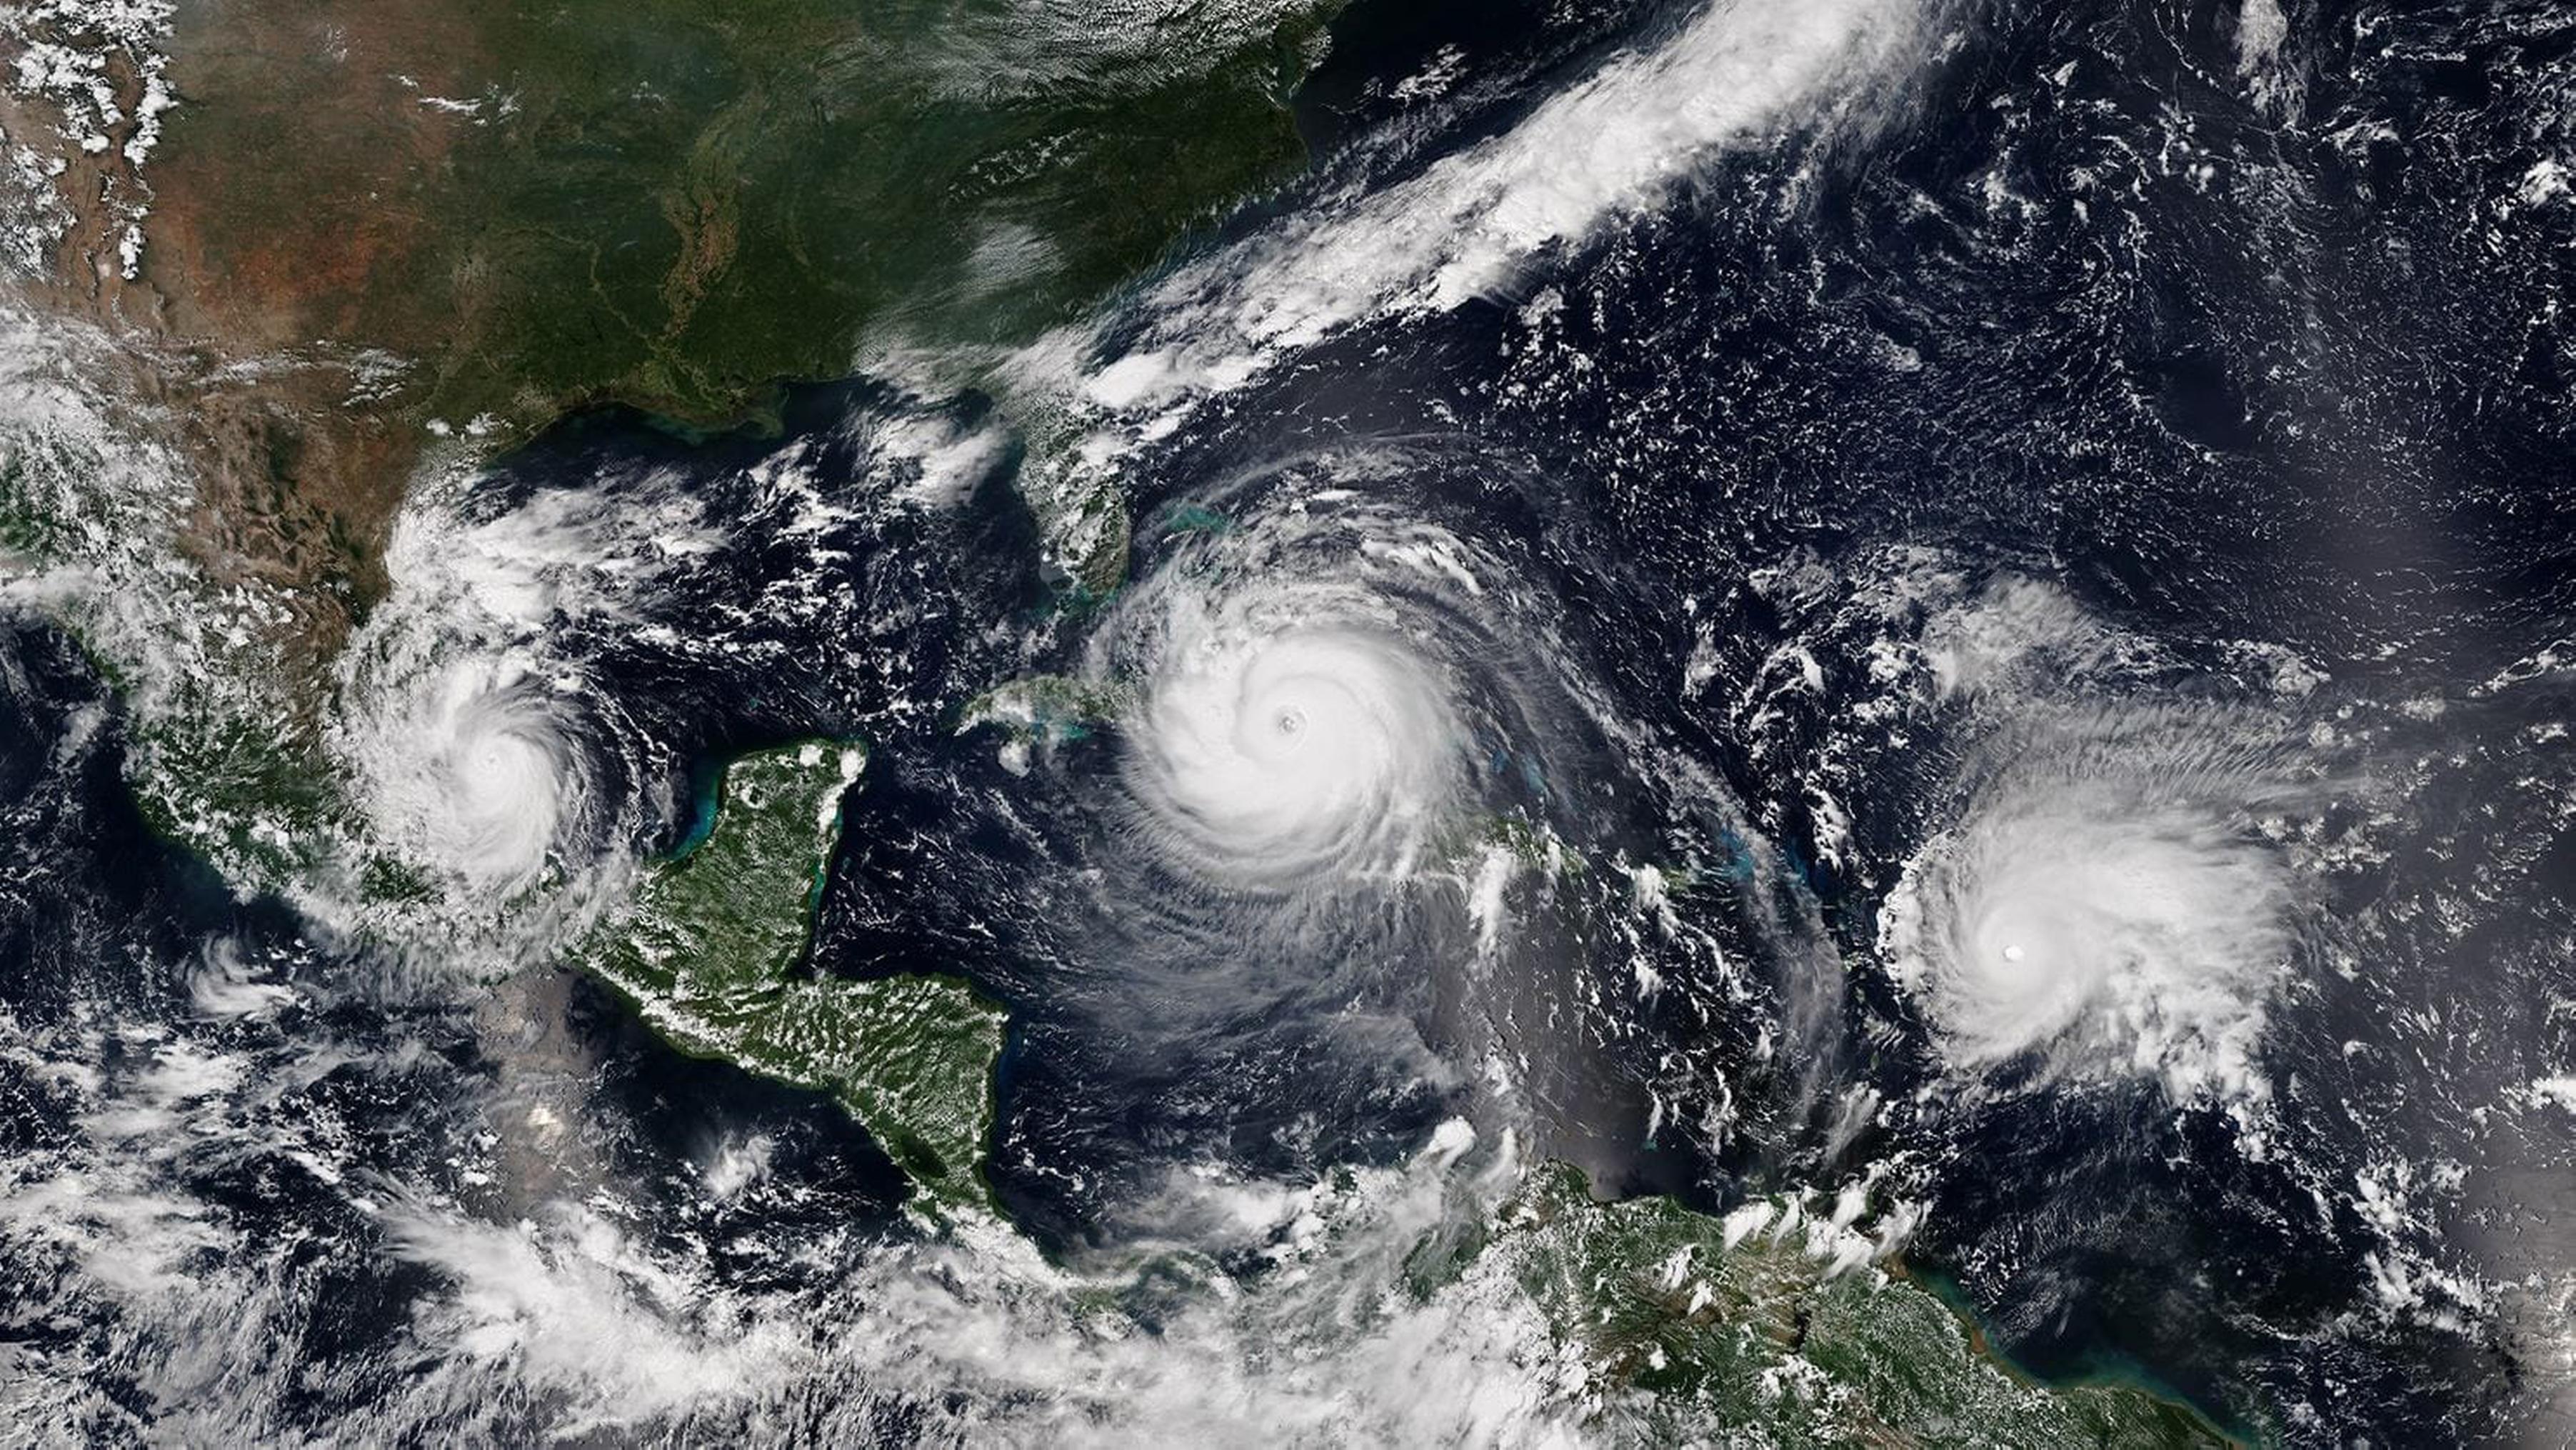 biến đổi khí hậu ngoài không gian bão hình thành